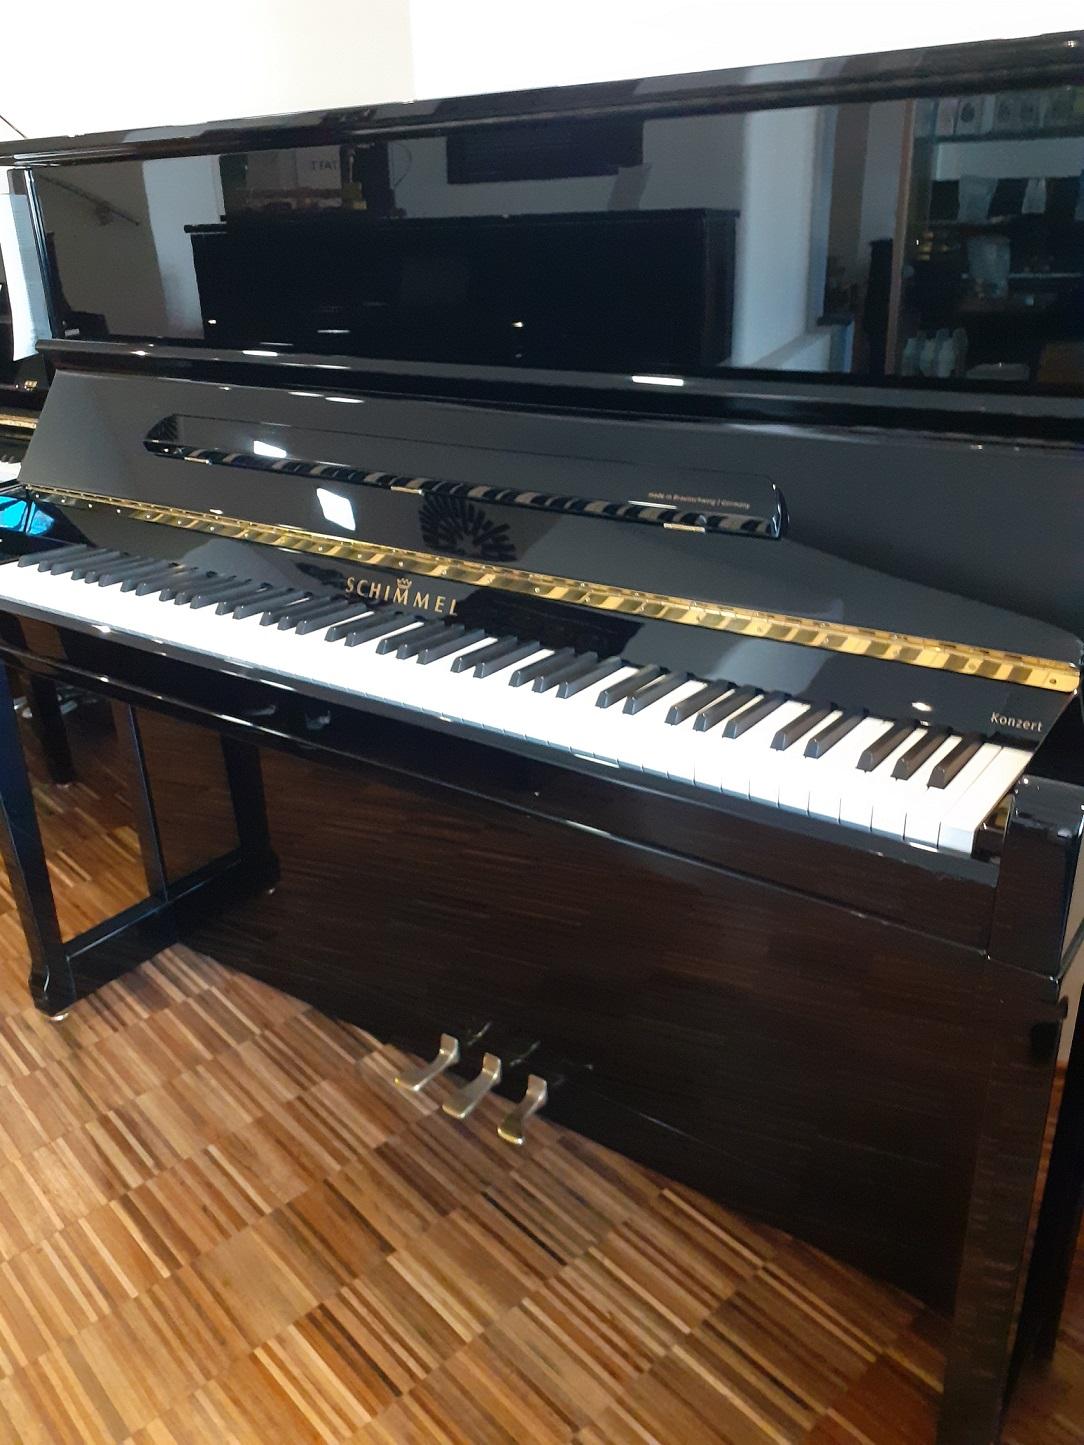 Schimmel-Klavier<br/>Modell 122 Klassik<br/>Gebraucht  Sehr gut erhalten<br/>Derzeit in Arbeit